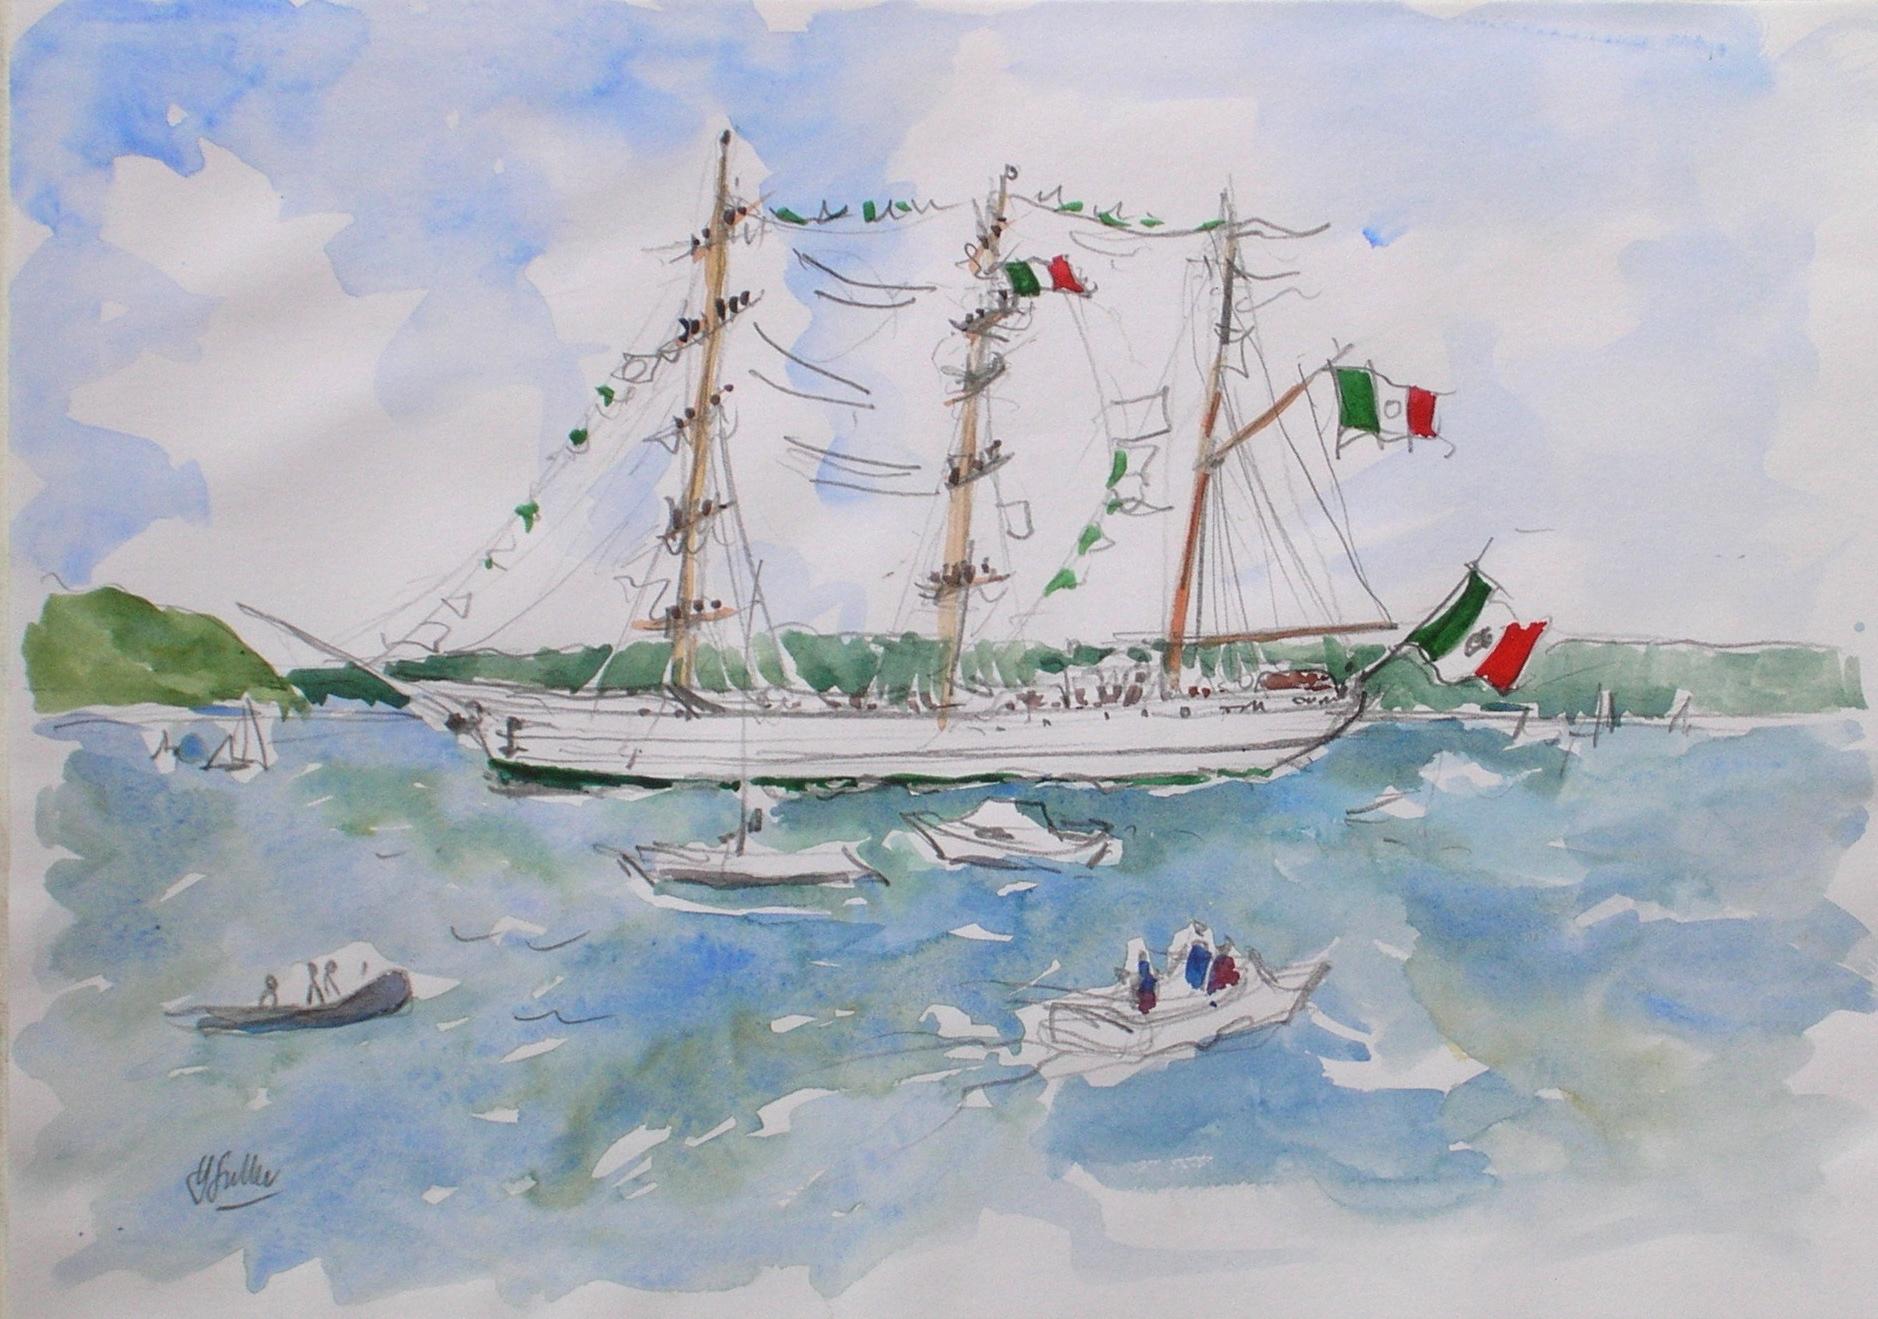 Cuauchtemoc, Tall Ships' Race 1998